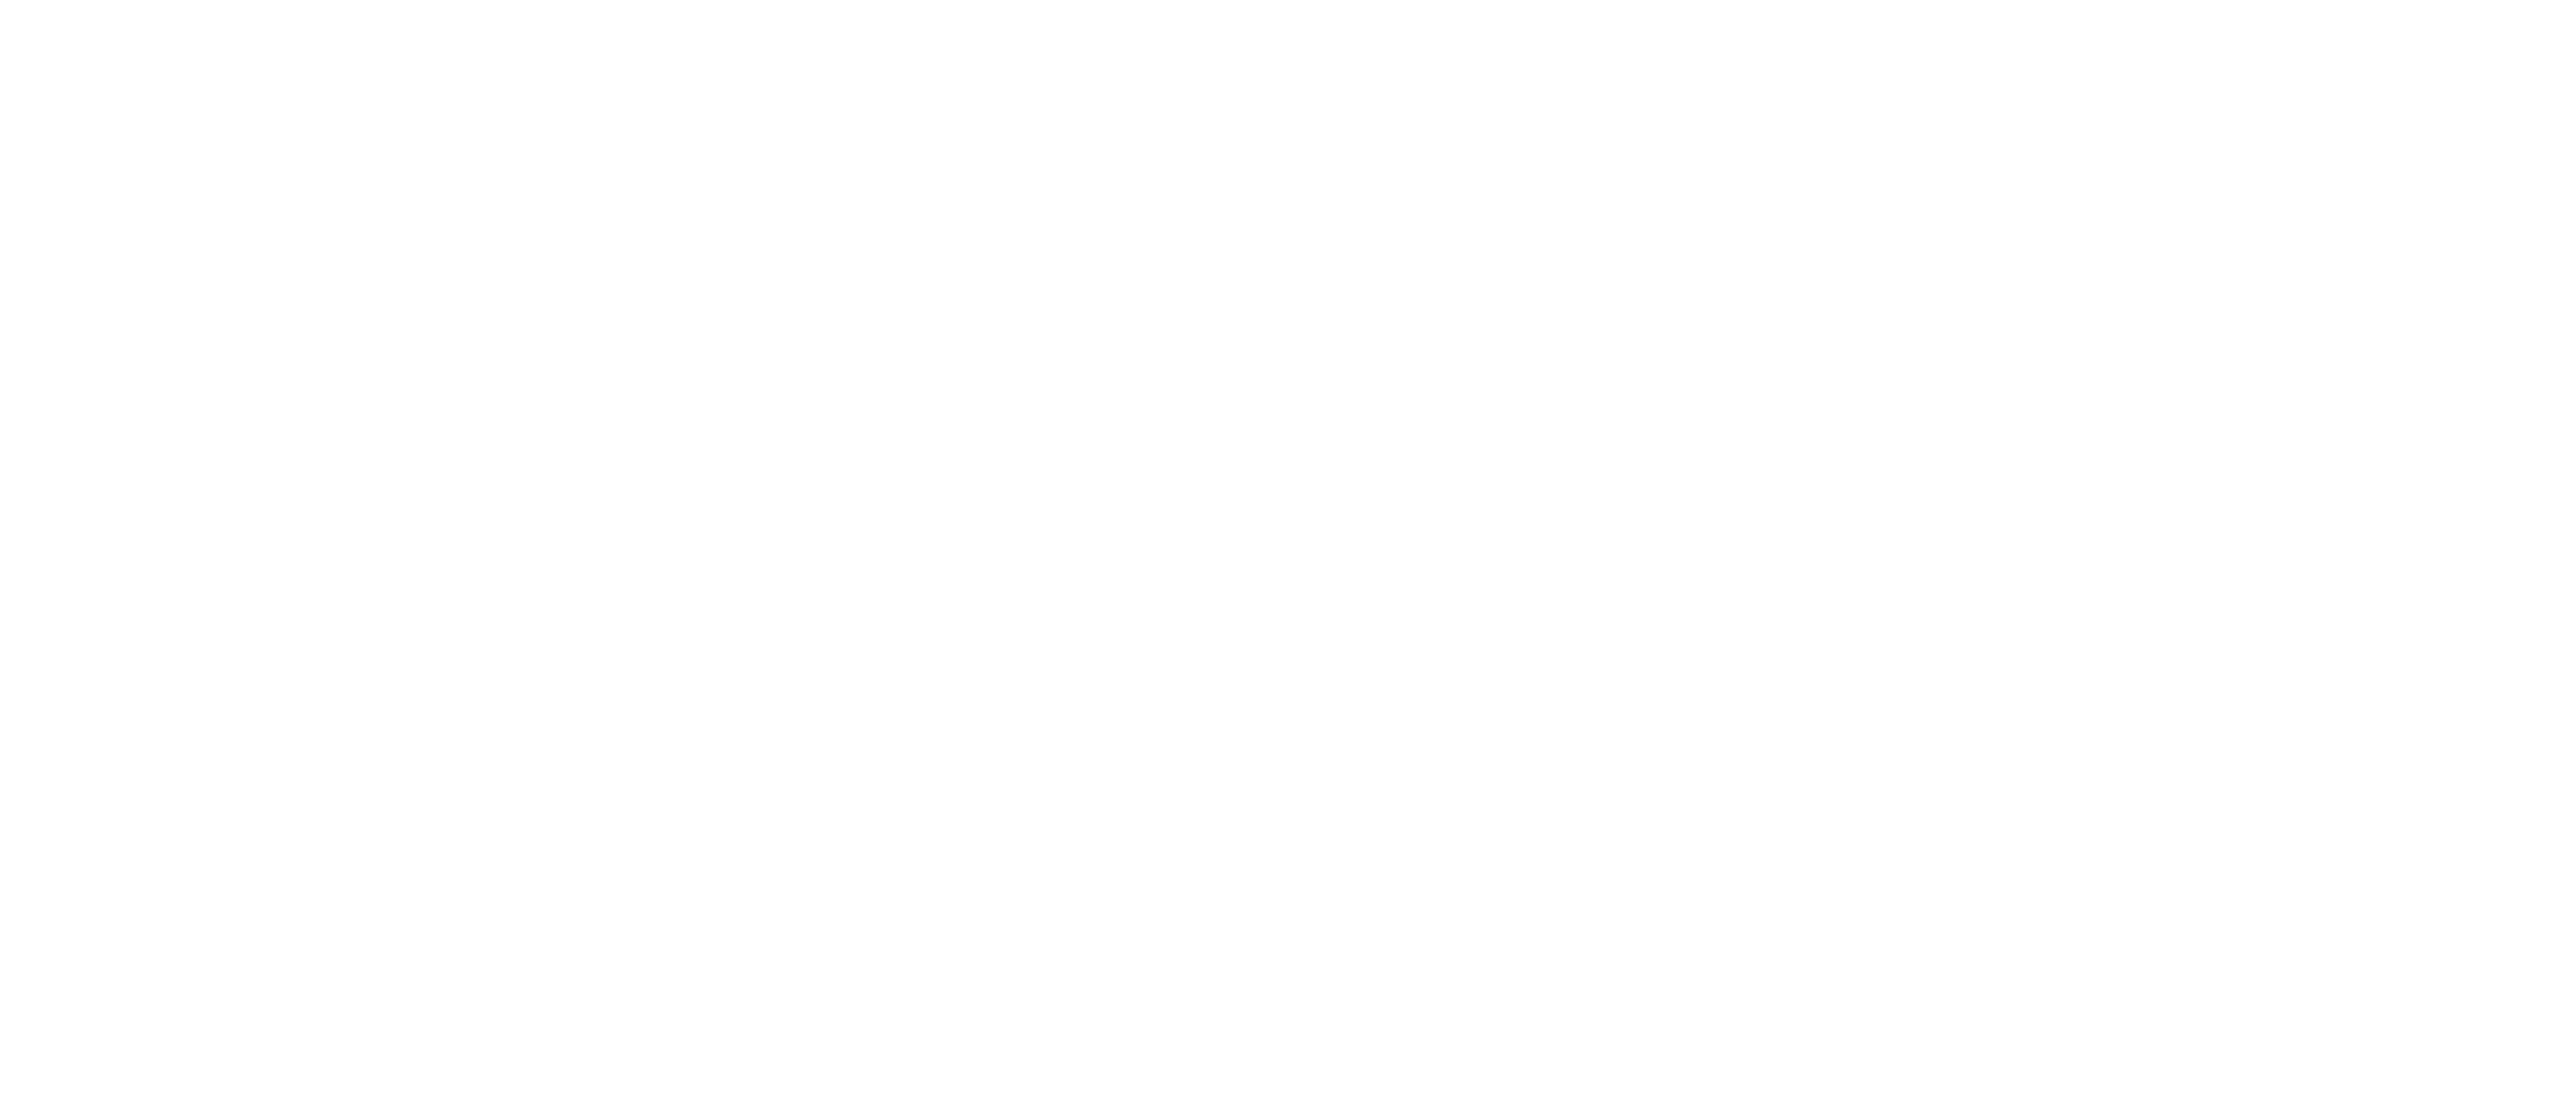 maxim-logo white